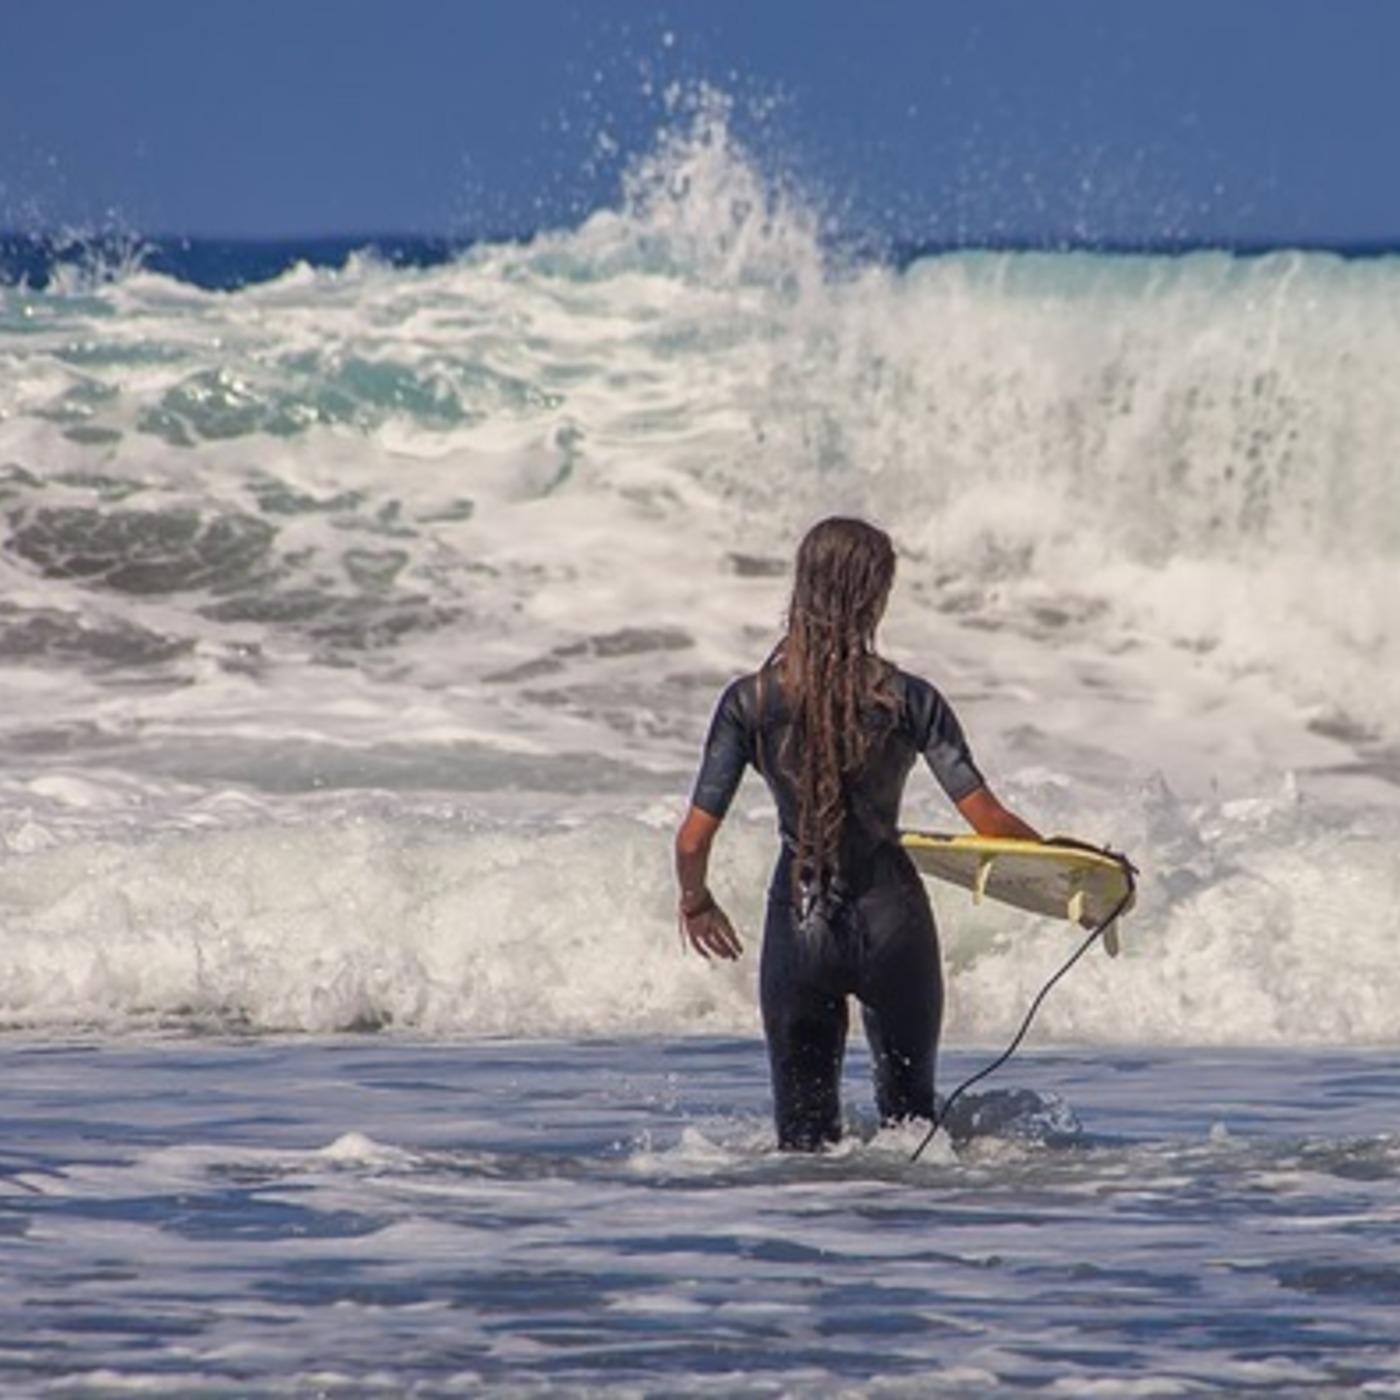 """Szempillantás: 140. """"A hullámokat nem állíthatod meg, de szörfözni megtanulhatsz"""" Jon Kabat-Zinn"""